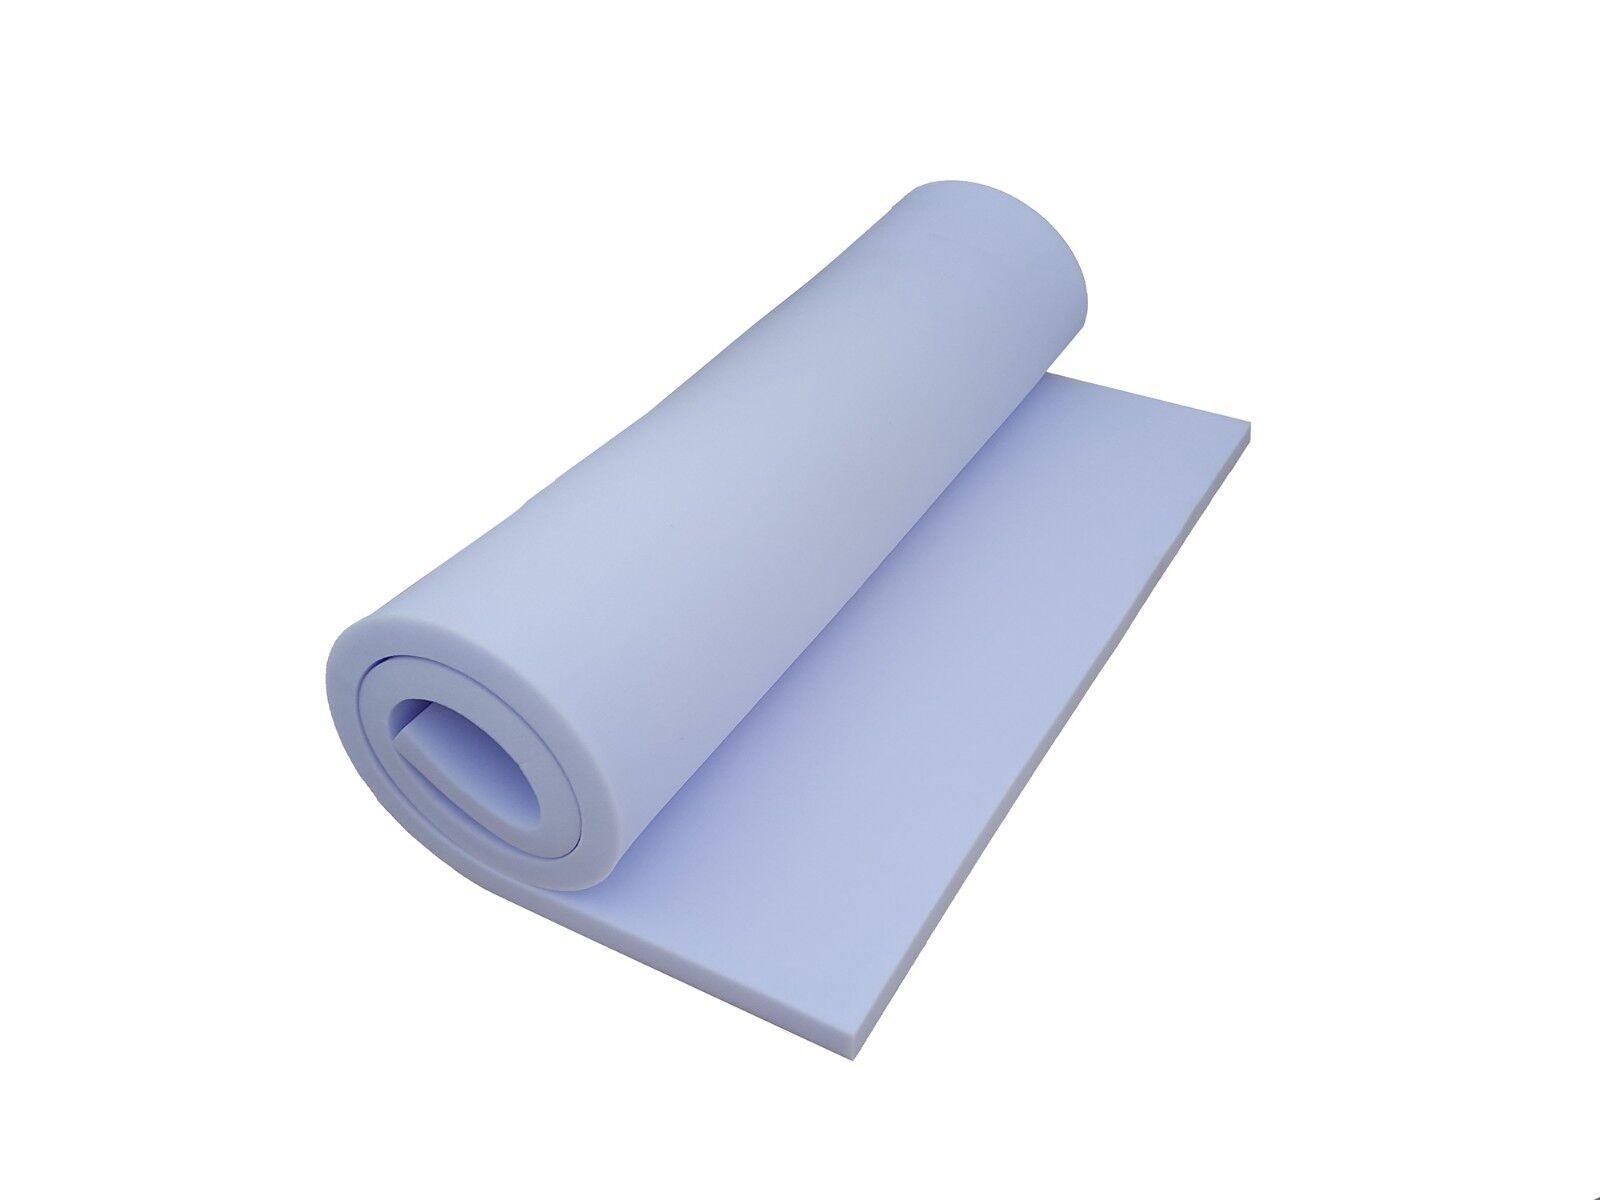 Foam Foam Plate 120x80 cm palletenkissen Foam Pad RG25/44